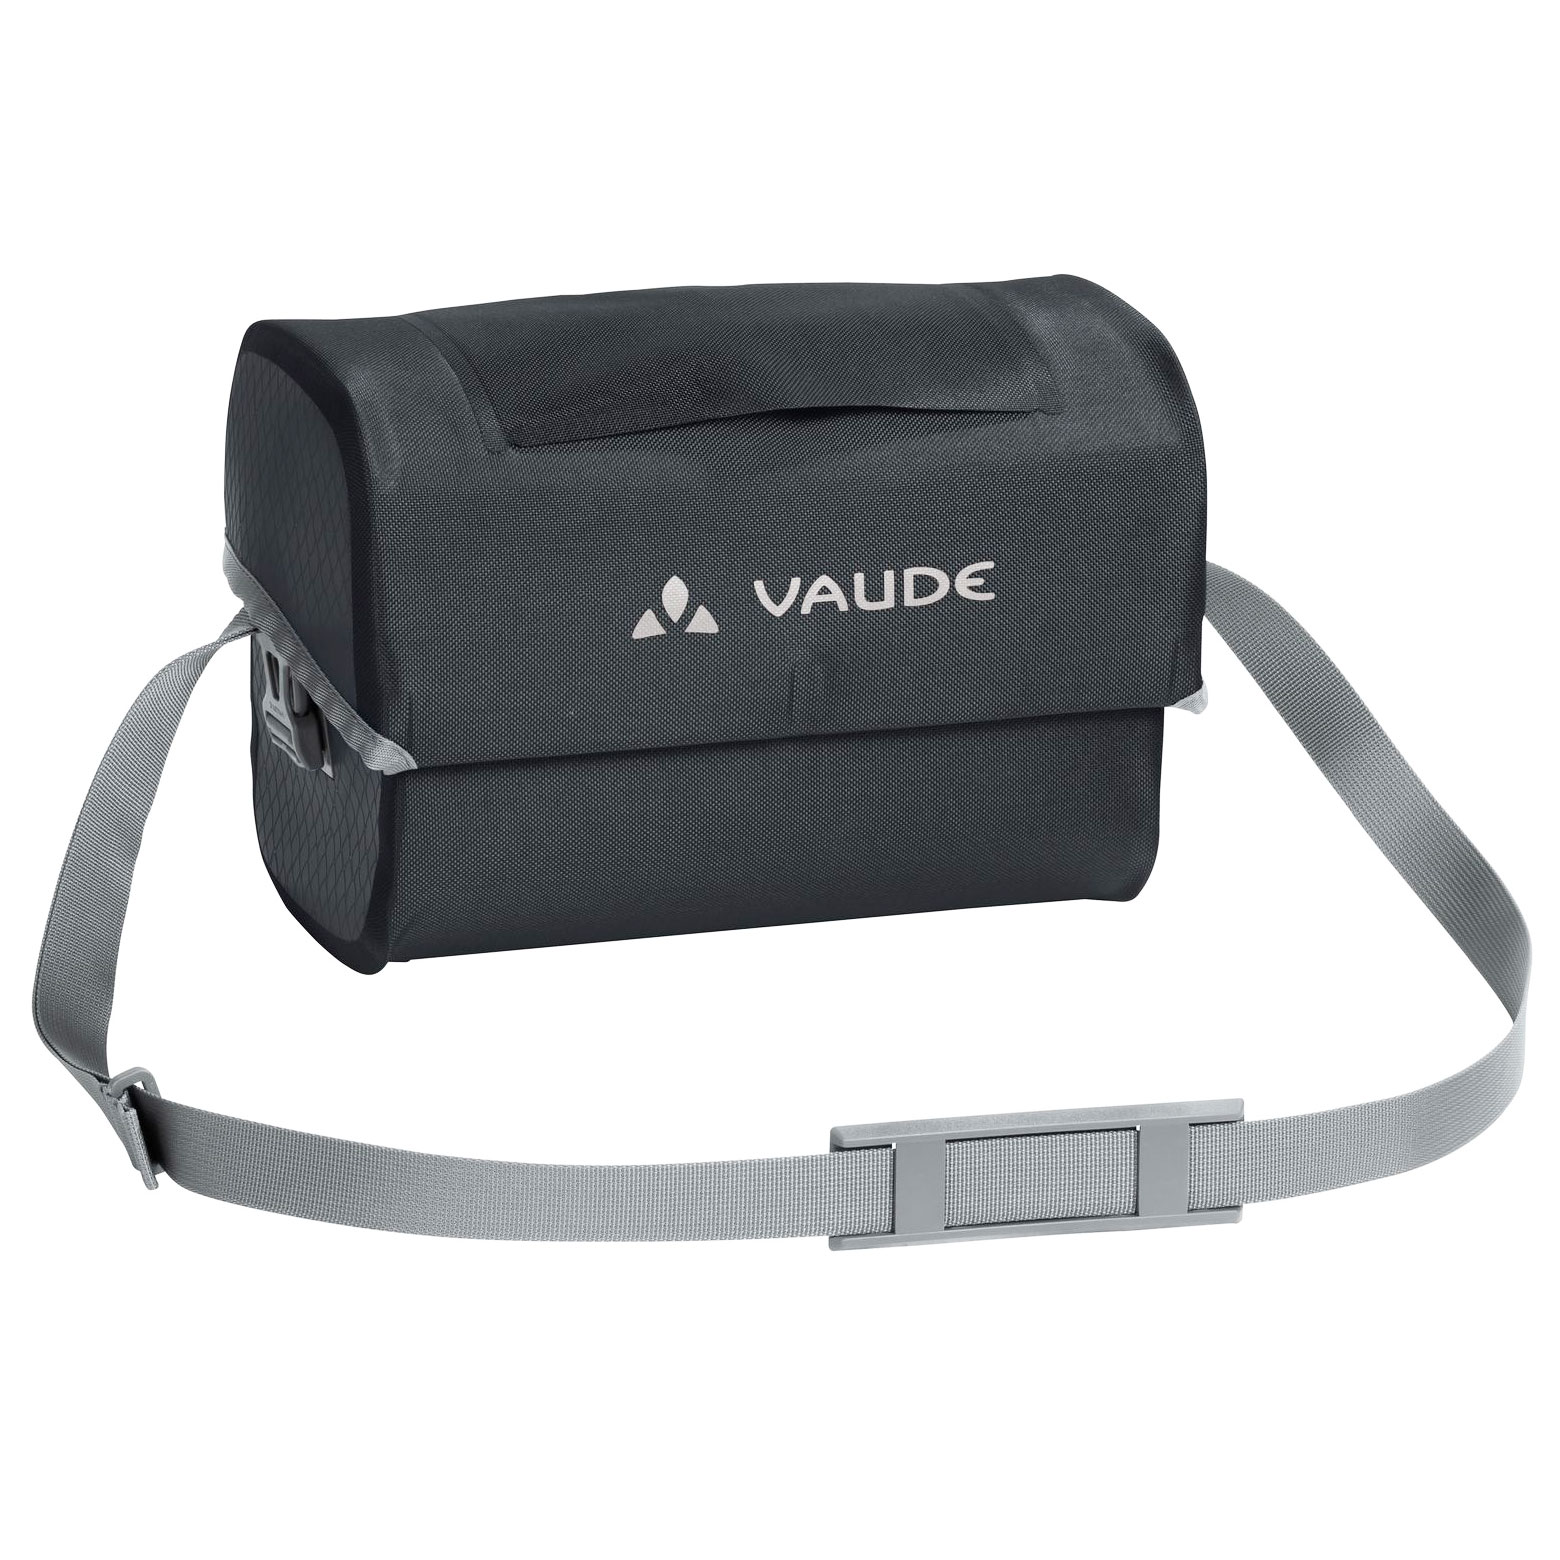 Vaude Aqua Box Handle Bar Bag - black